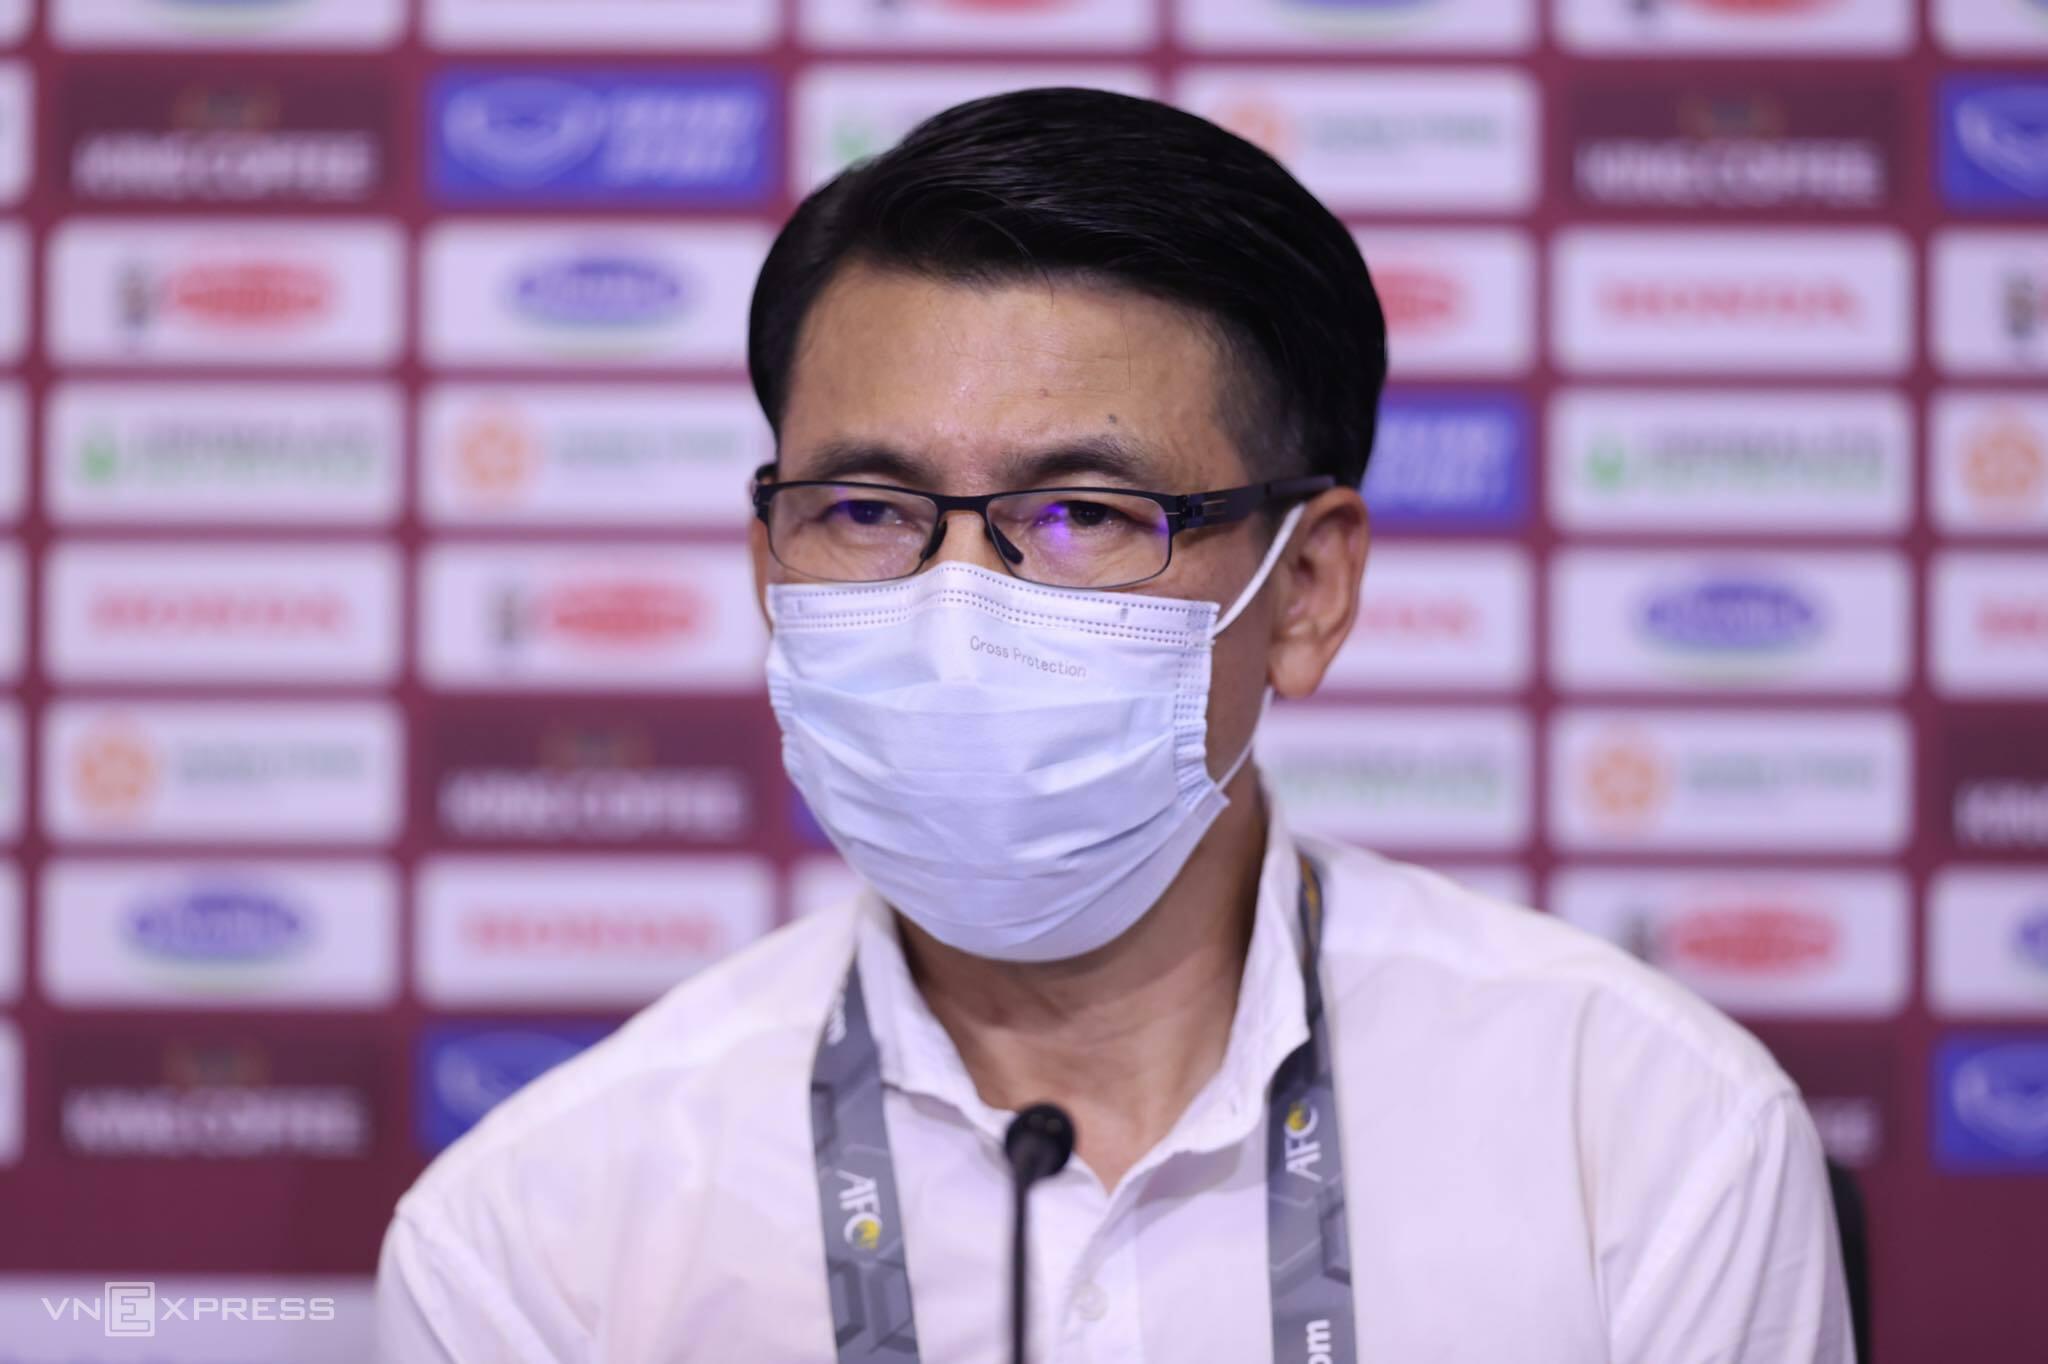 HLV Tan Cheng Hoe không giấu nét buồn khi họp báo sau trân thua tuyển Việt Nam 1-2 trên sân Al Marktoum, Dubai hôm 11/6. Ảnh: Lâm Thoả